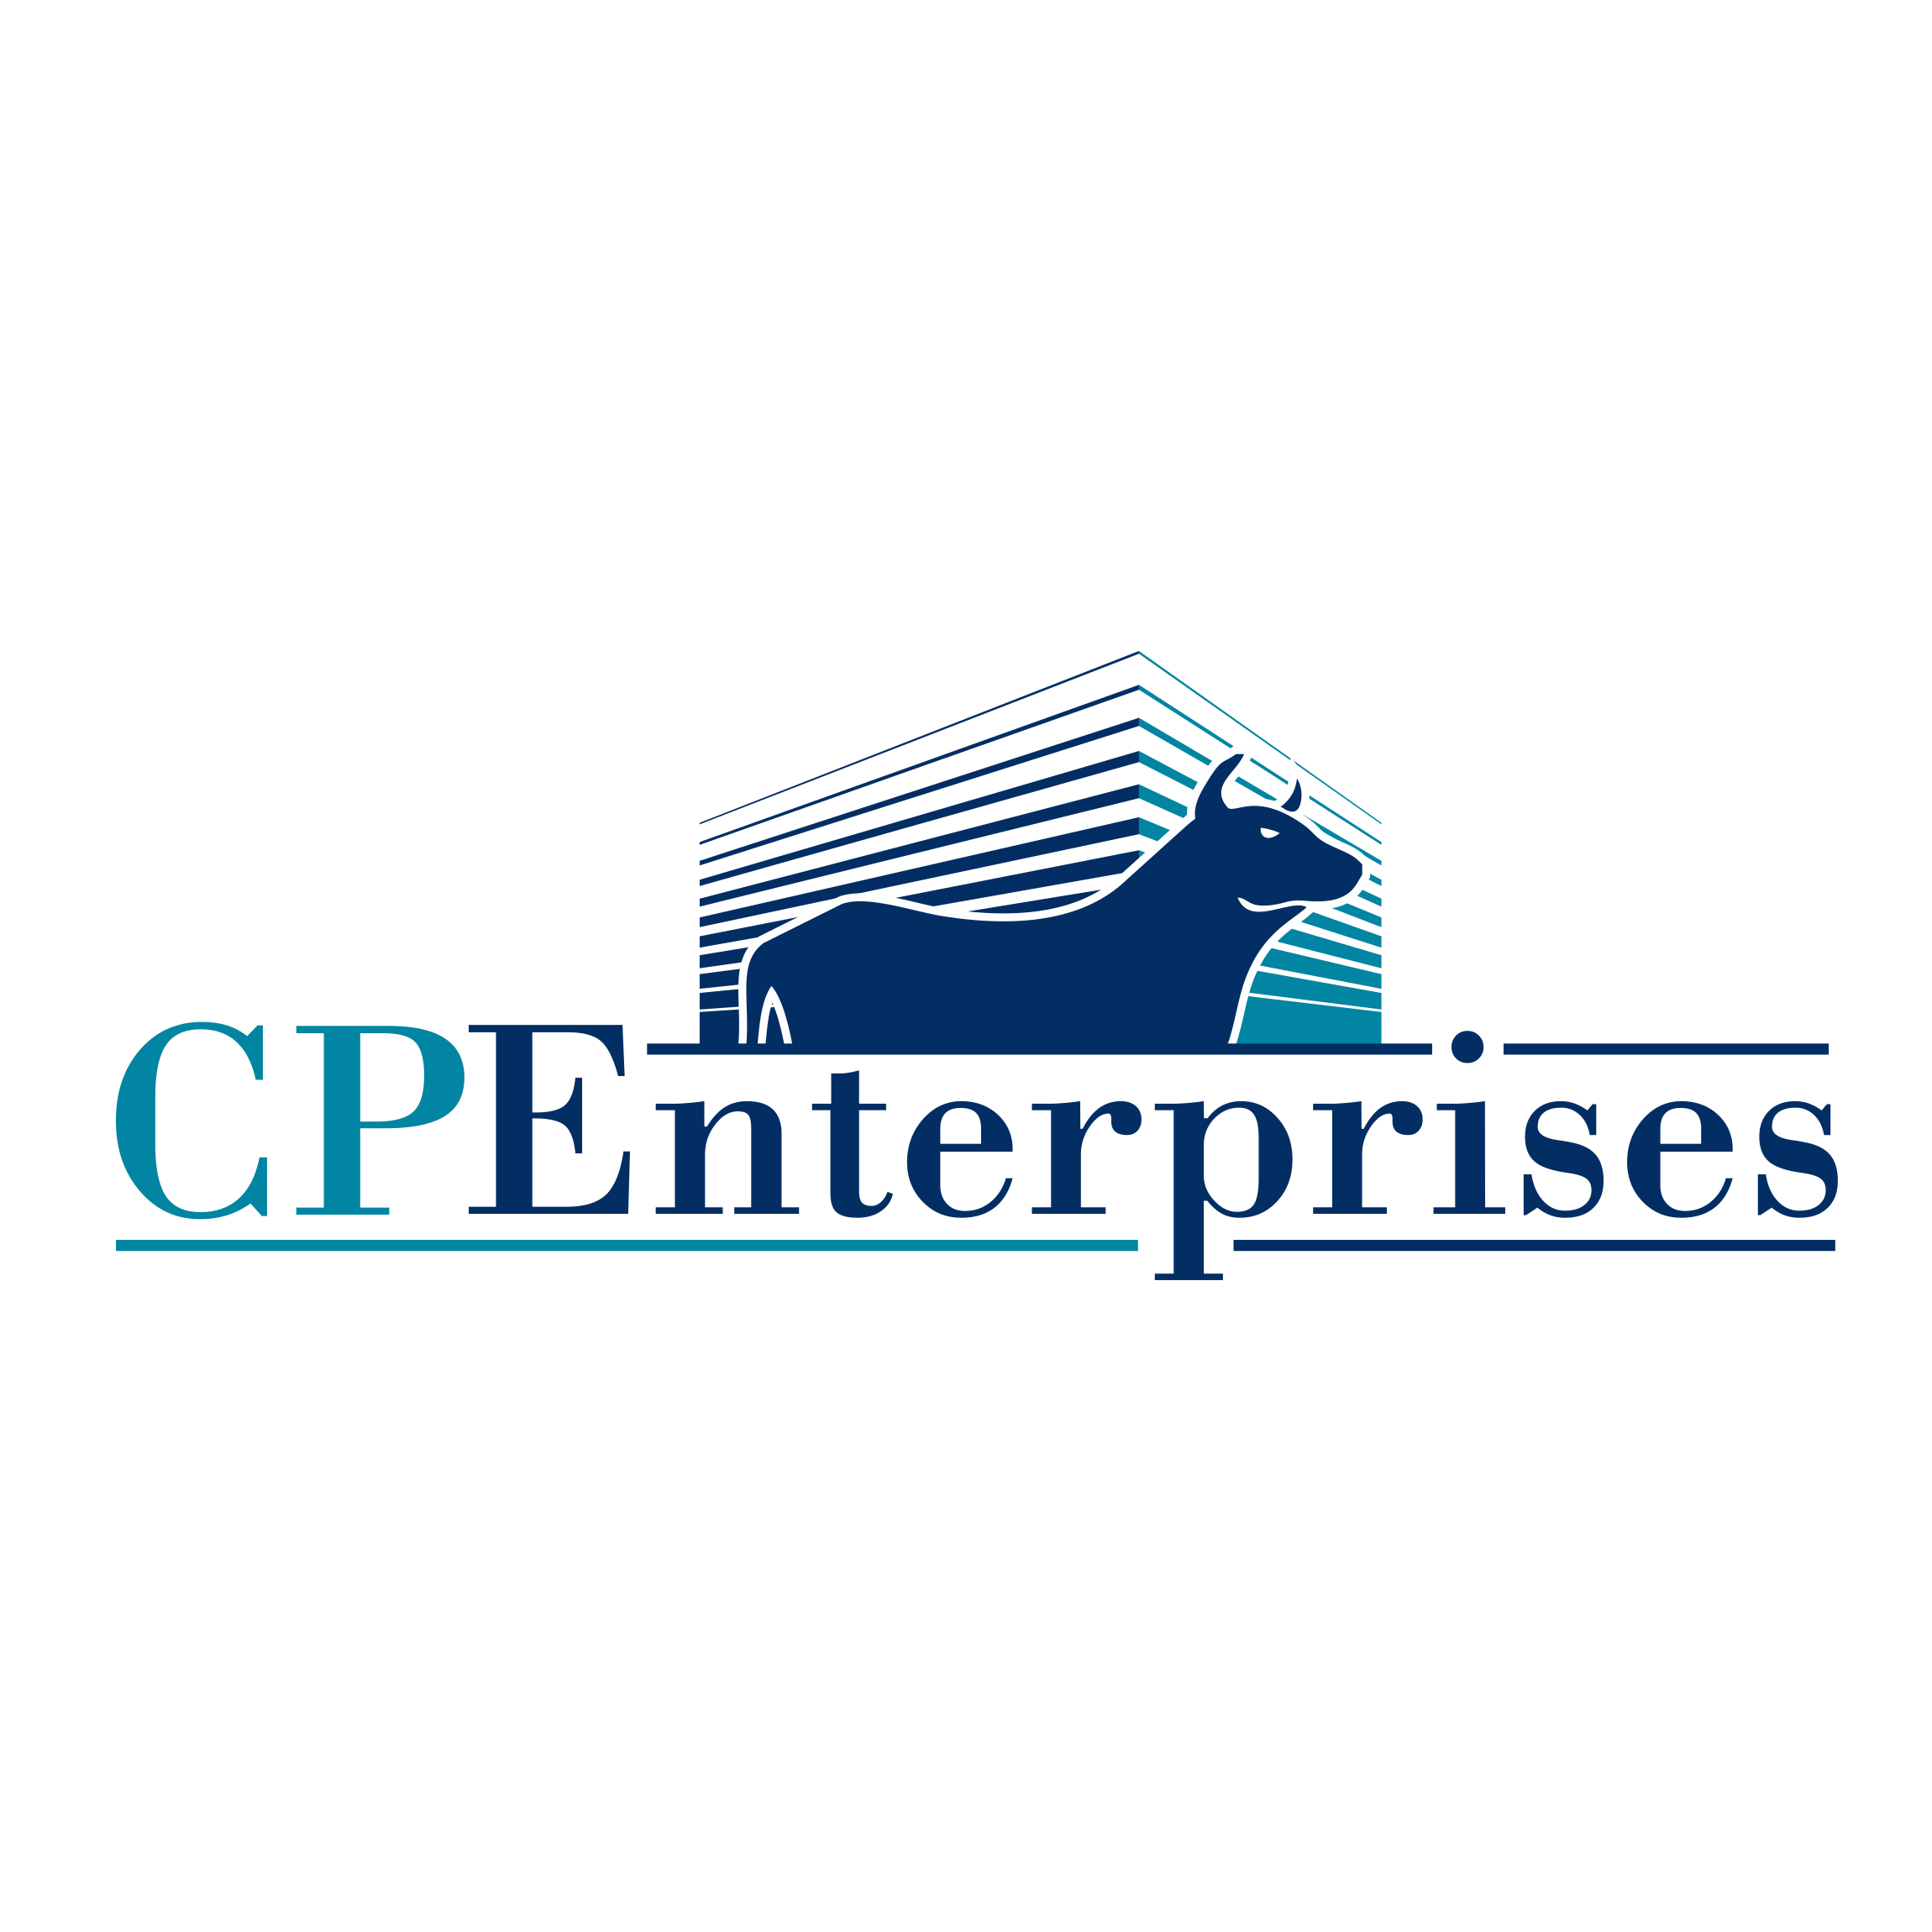 CP Enterprises image 4